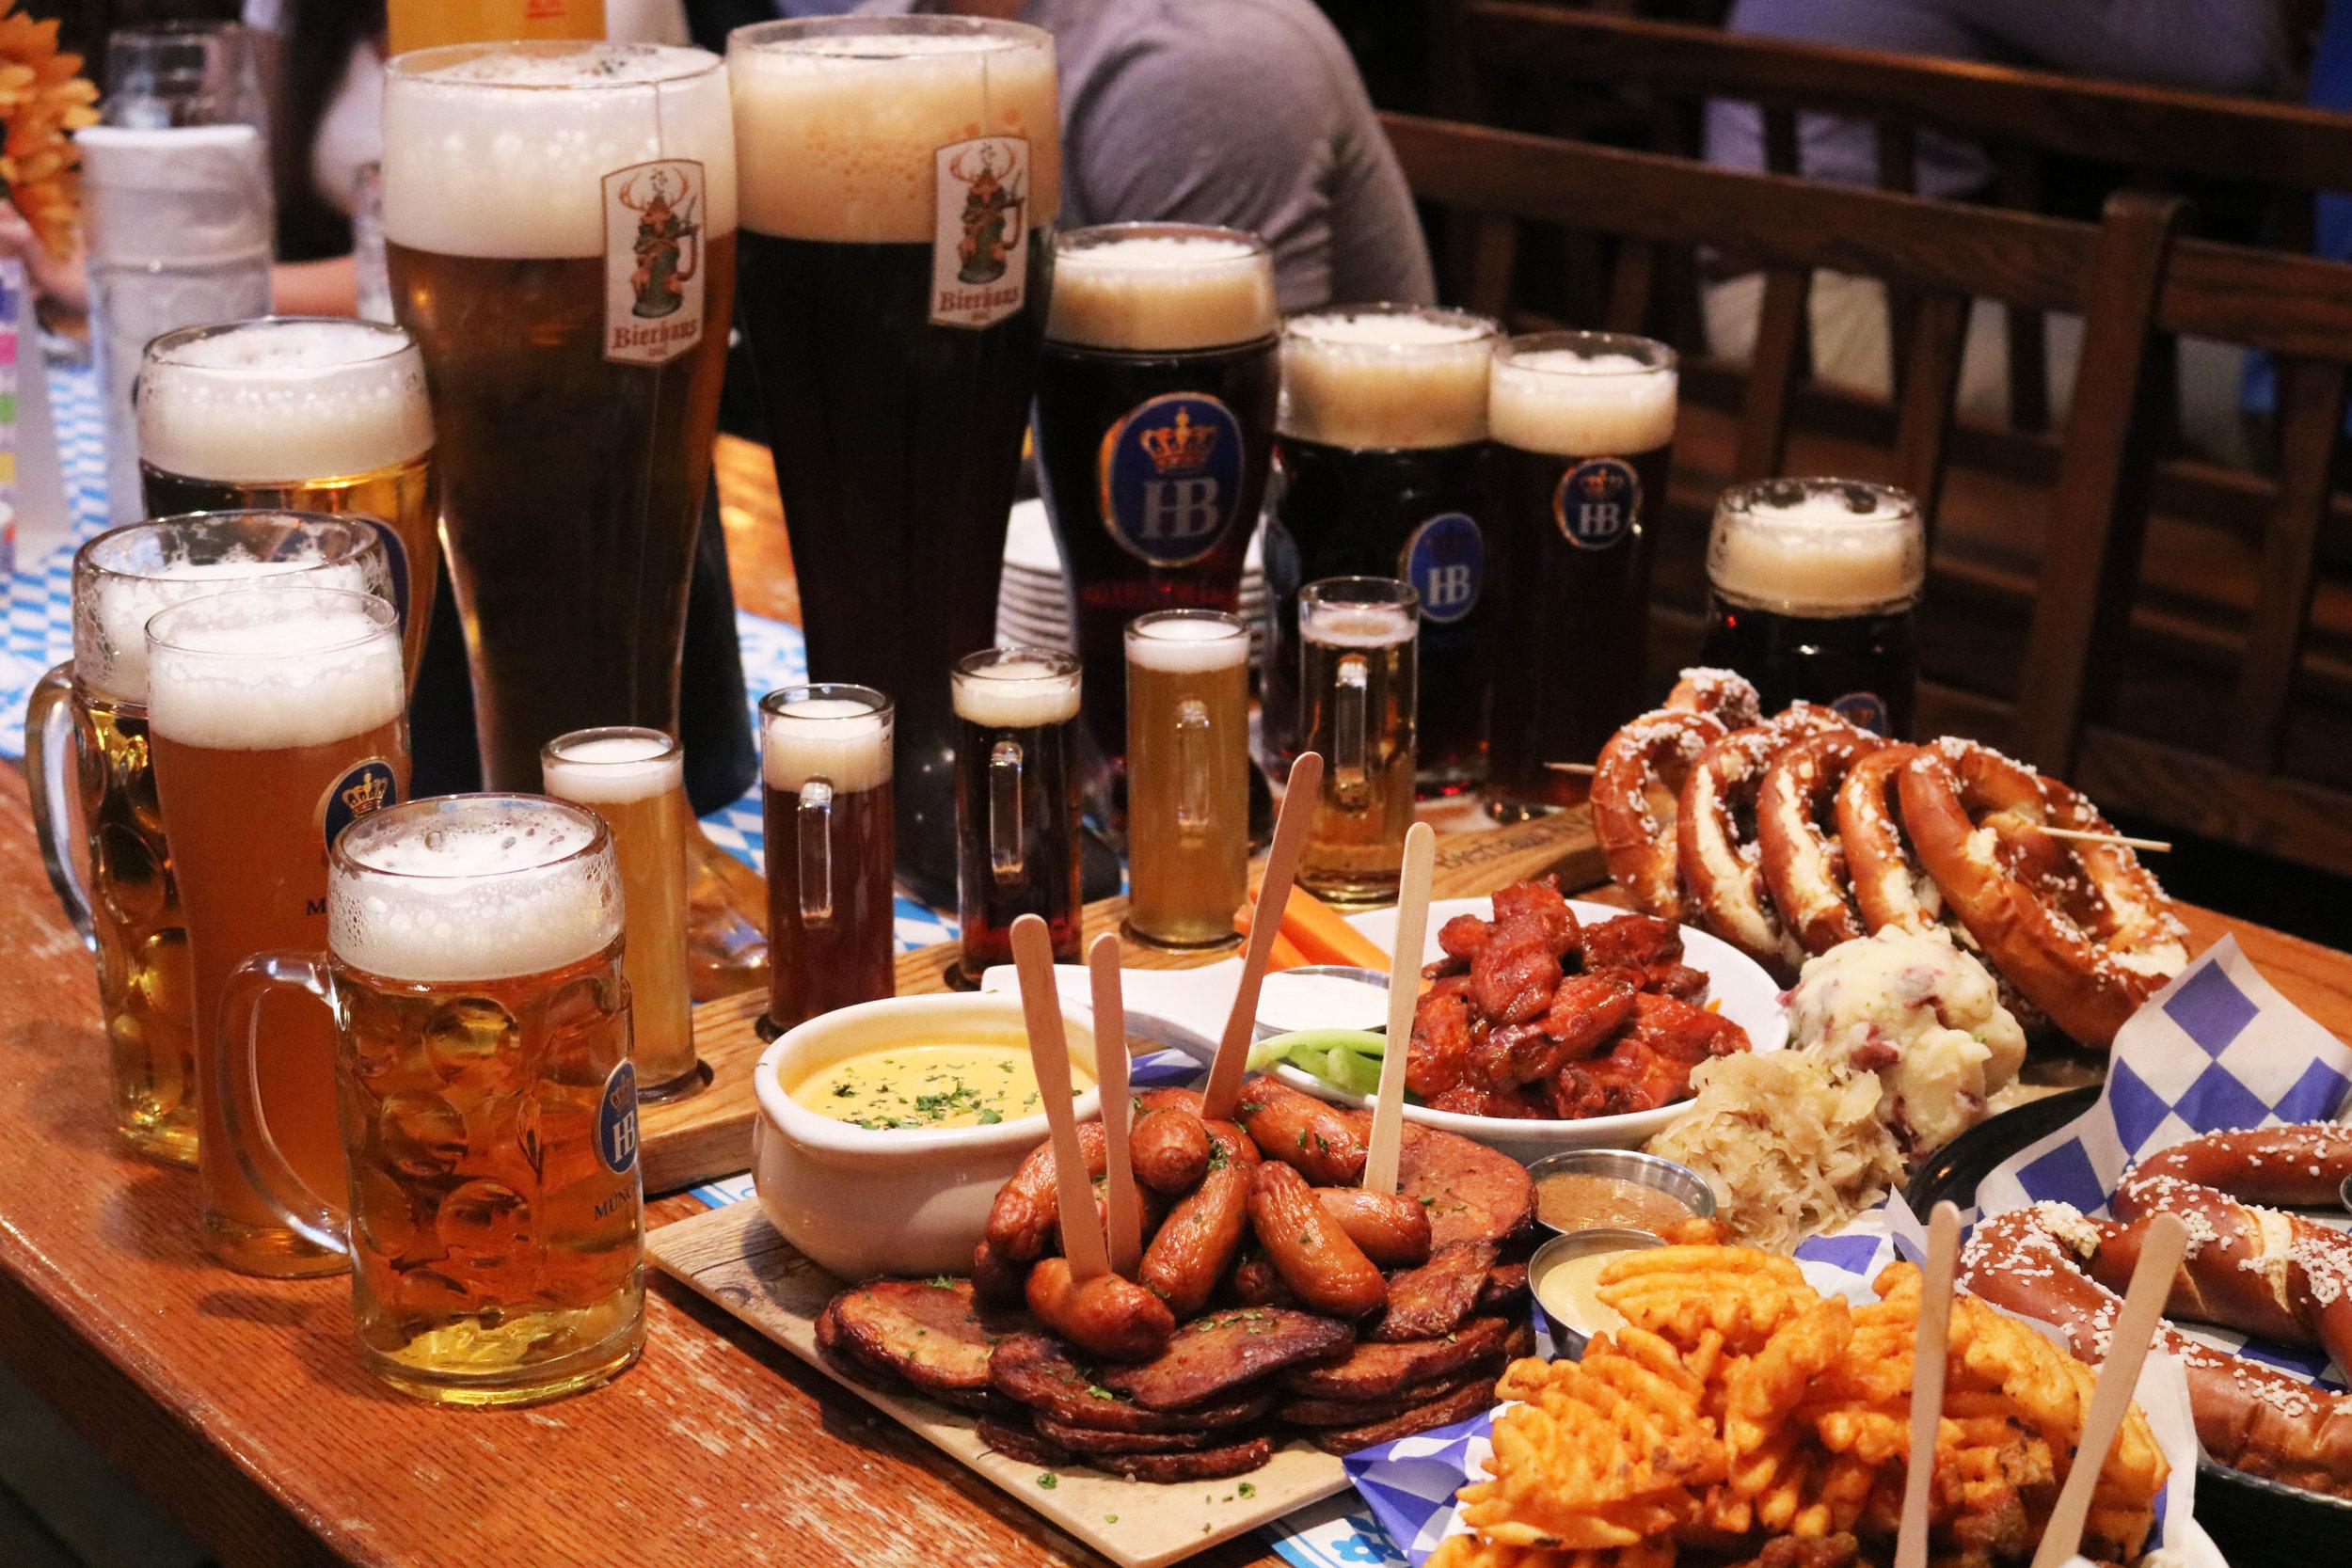 Bierhaus-NYC-Oktoberfest-Feast1.JPG